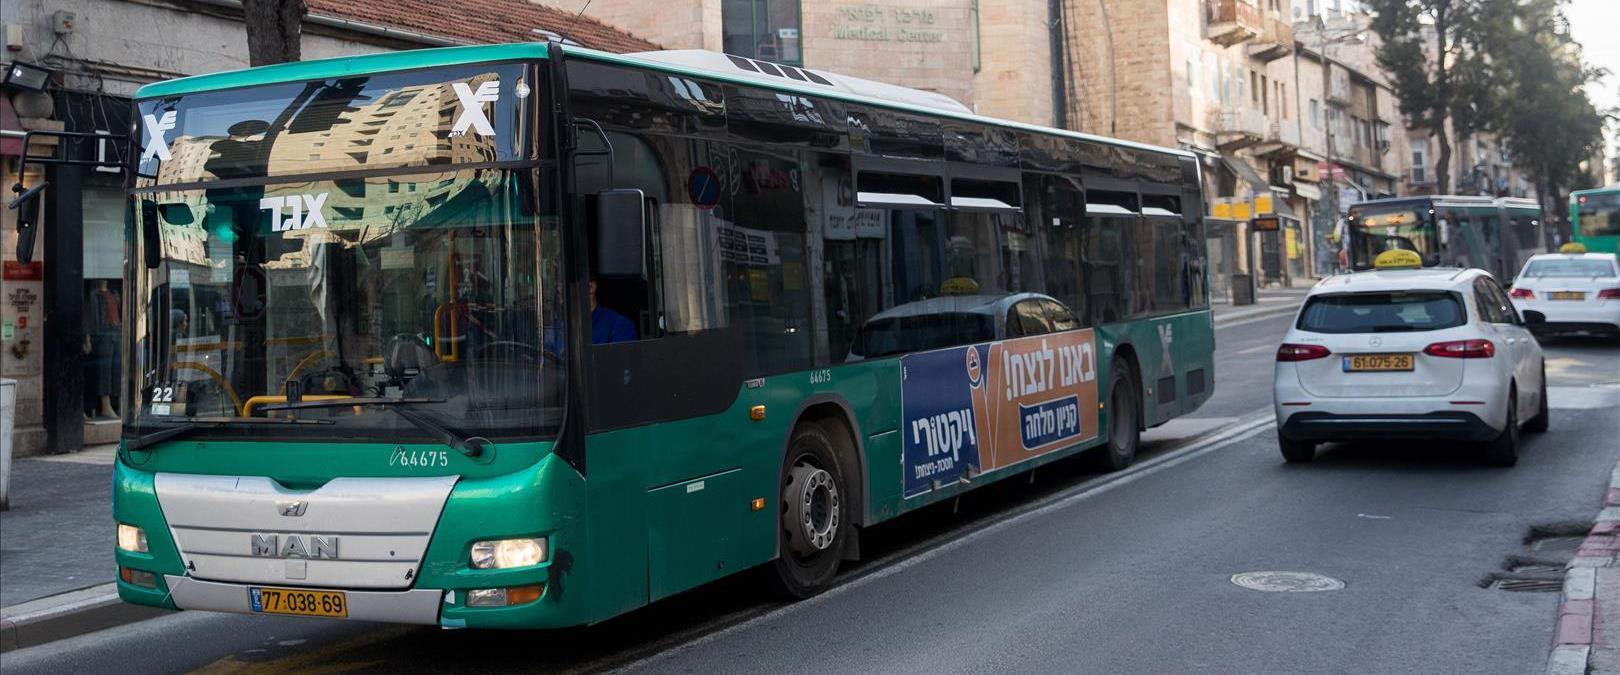 תחבורה ציבורית בירושלים